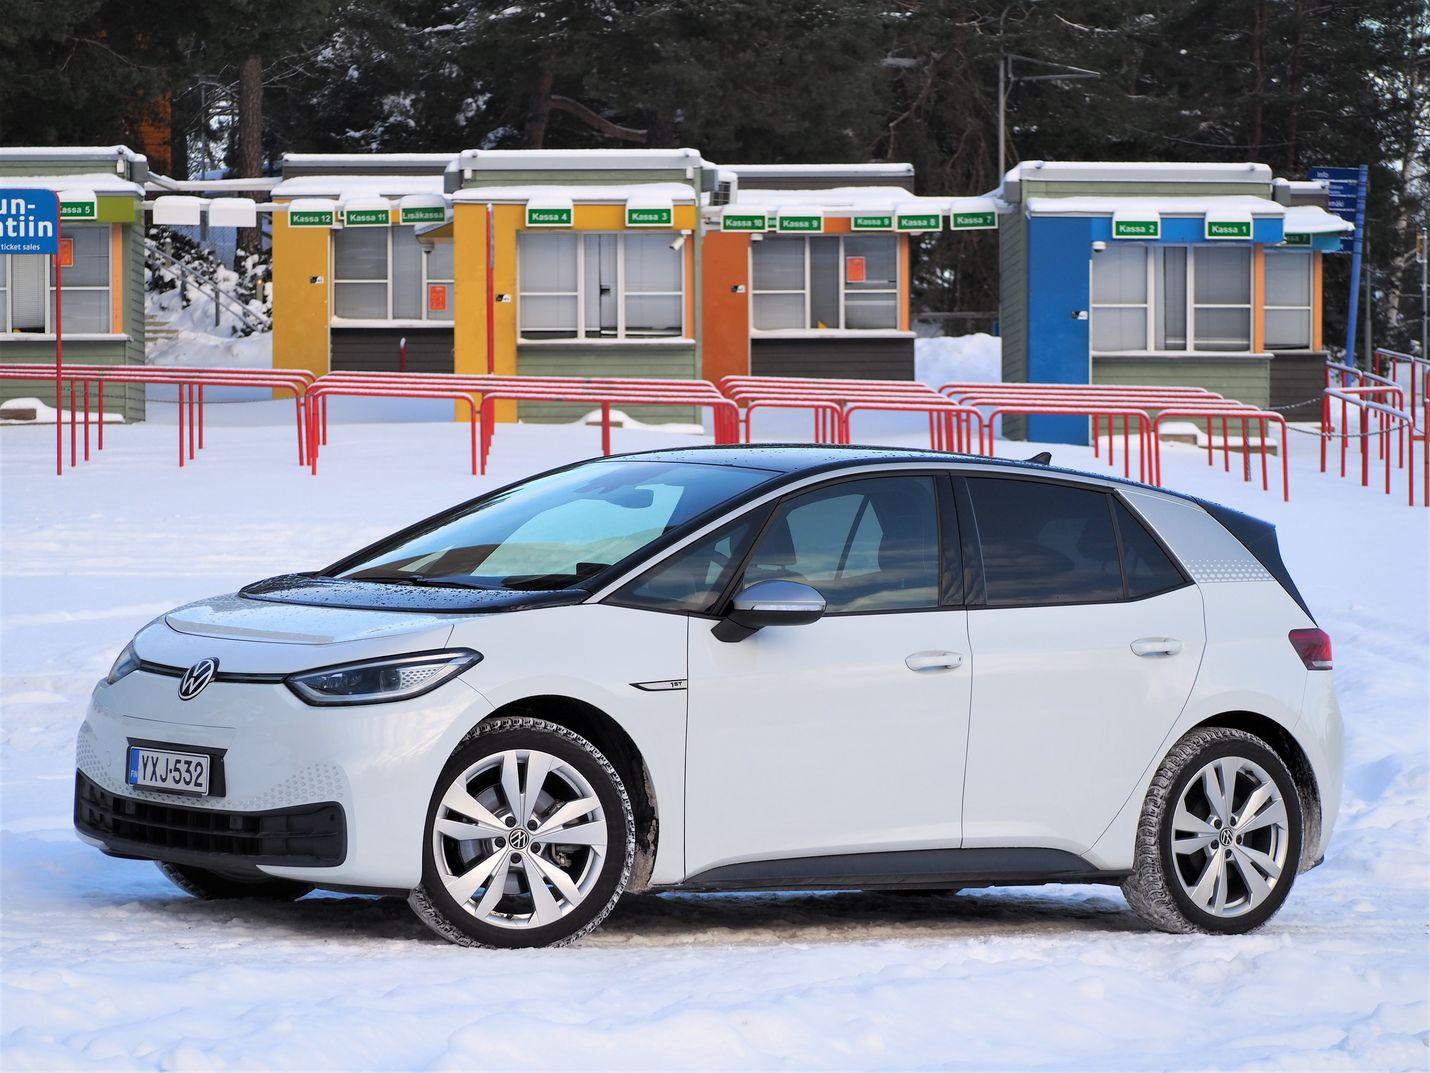 Volkswagen ID.3 tuli 2. sijalle Suomen auto- ja liikennetoimittajien Vuoden auto 2021 -äänestyksessä. Voimalinja toimii, mutta käyttöjärjestelmä vaatii ohjelmistopäivityksiä. Niitä on tulossa tänä keväänä.